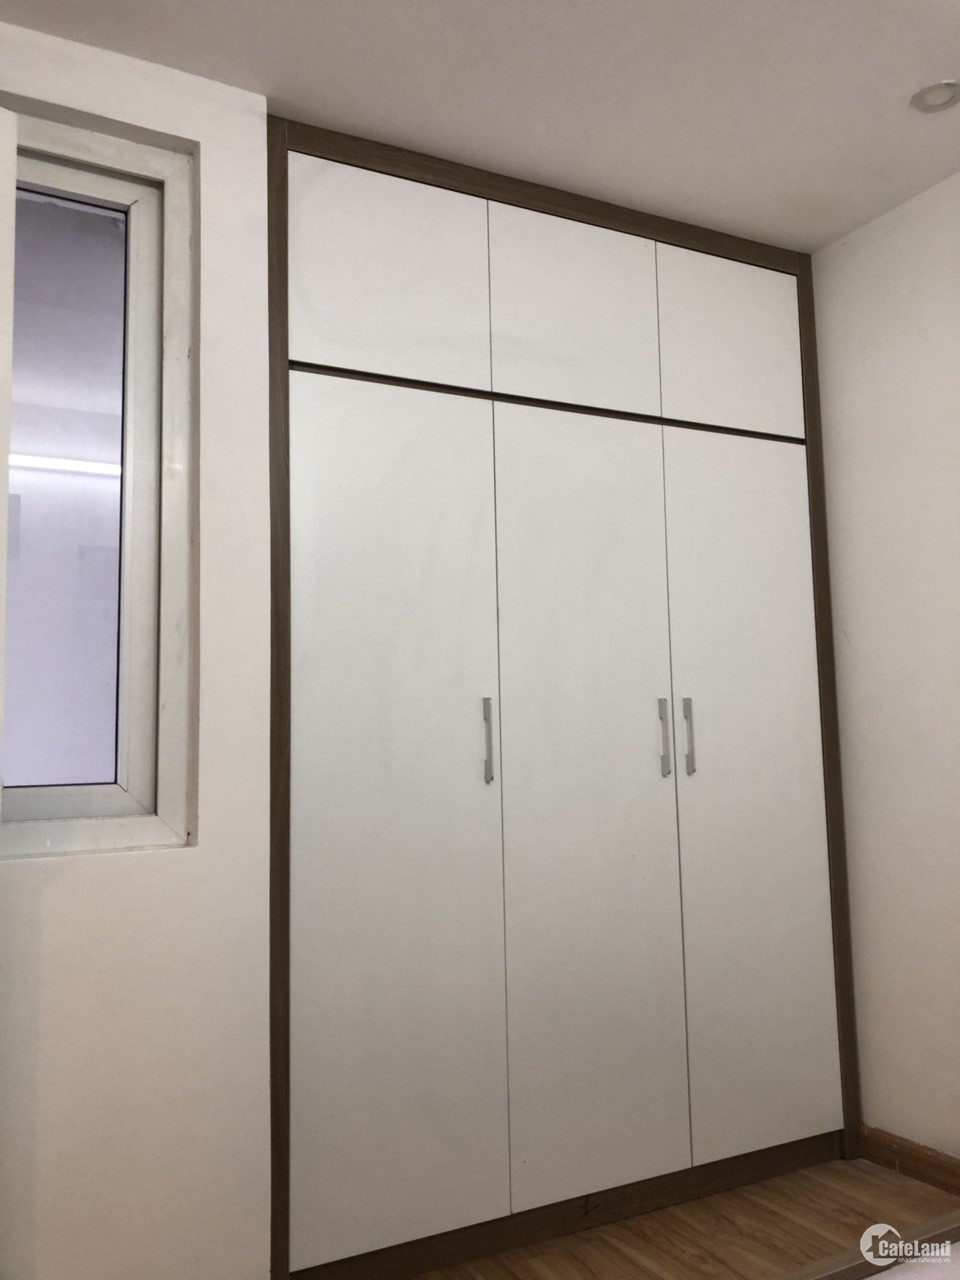 mở bán chung cư nguyễn văn cừ-bồ đề 3 măt thoáng(45-55)m2 ,vào ở ngay.